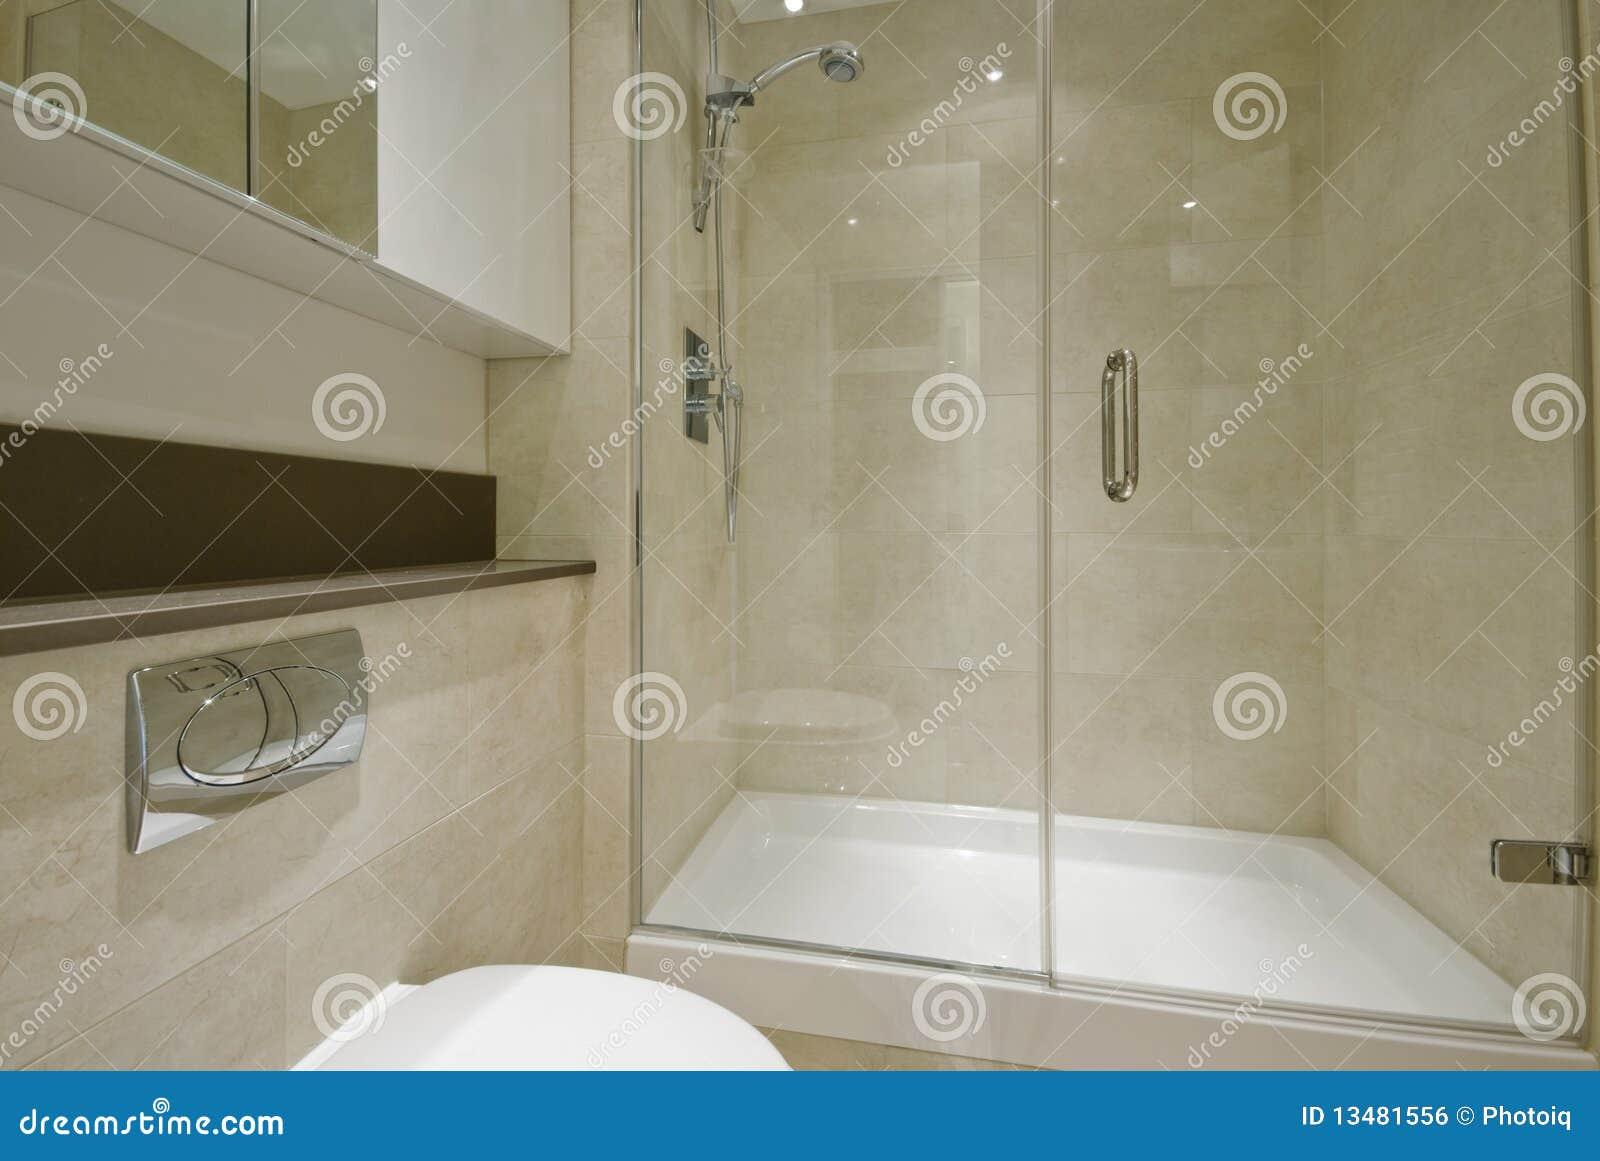 En-Suite Badezimmer stockfoto. Bild von tür, chrom, mischer ...